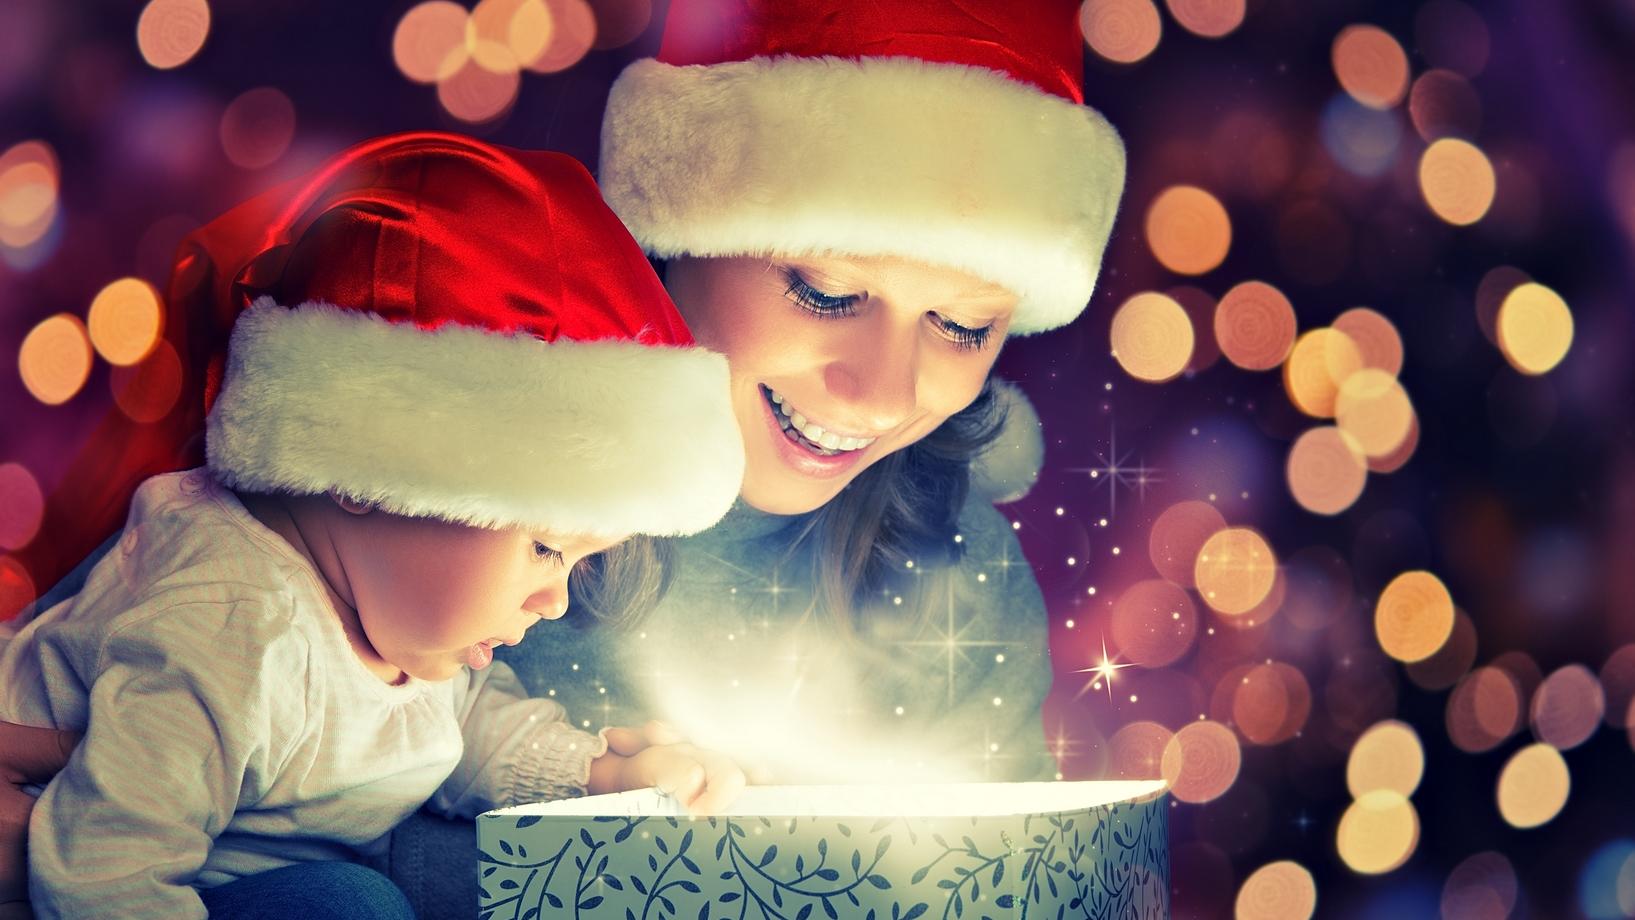 Speciale Offerta di Natale - prenota entro il 15 dicembre